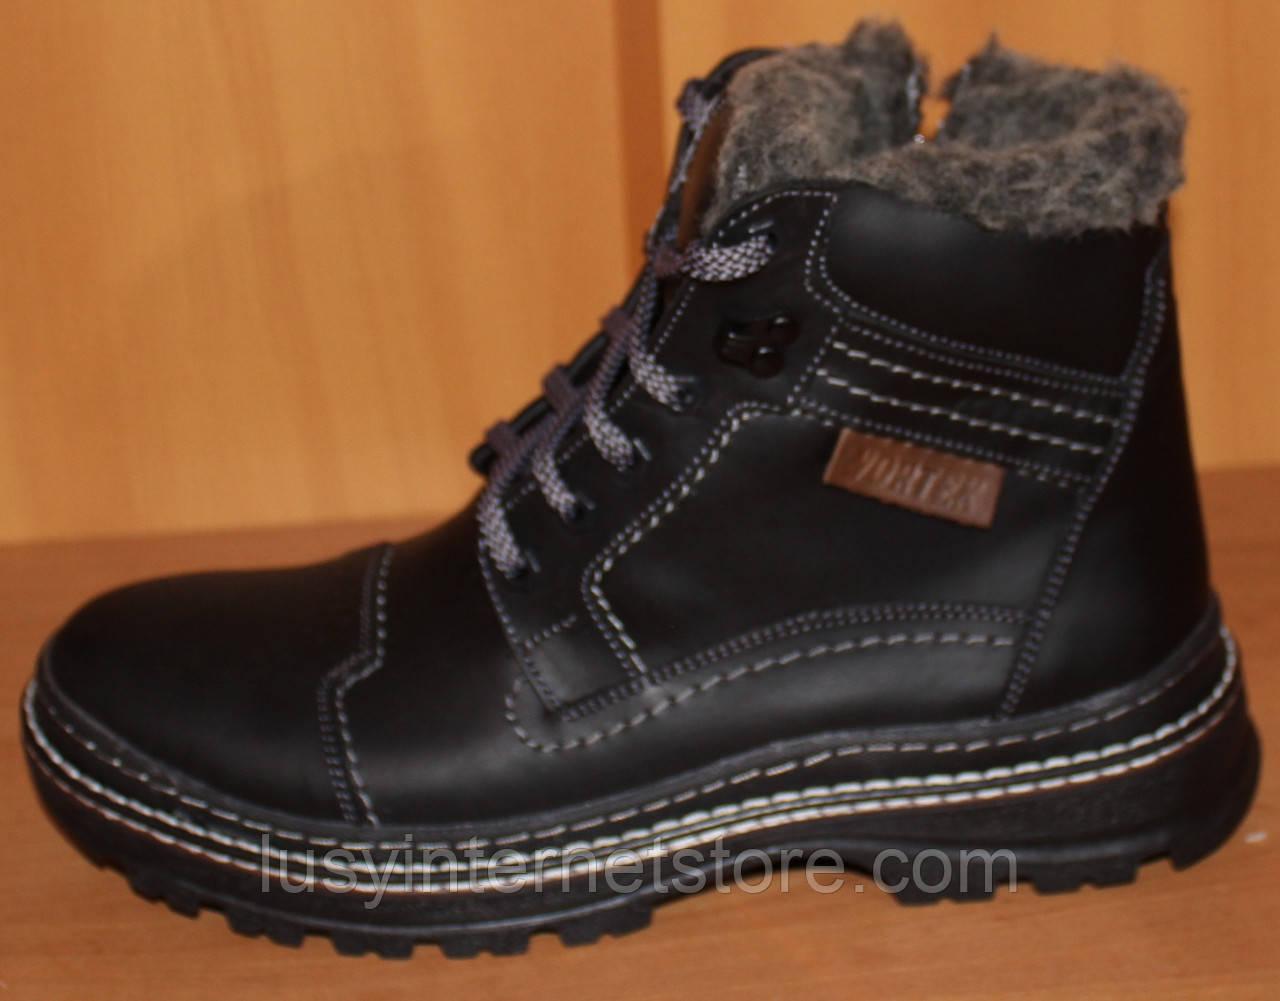 c3474df89 Мужские ботинки зимние на шнурках кожа, зимняя мужская обувь от  производителя модель ВА71 - Lusy